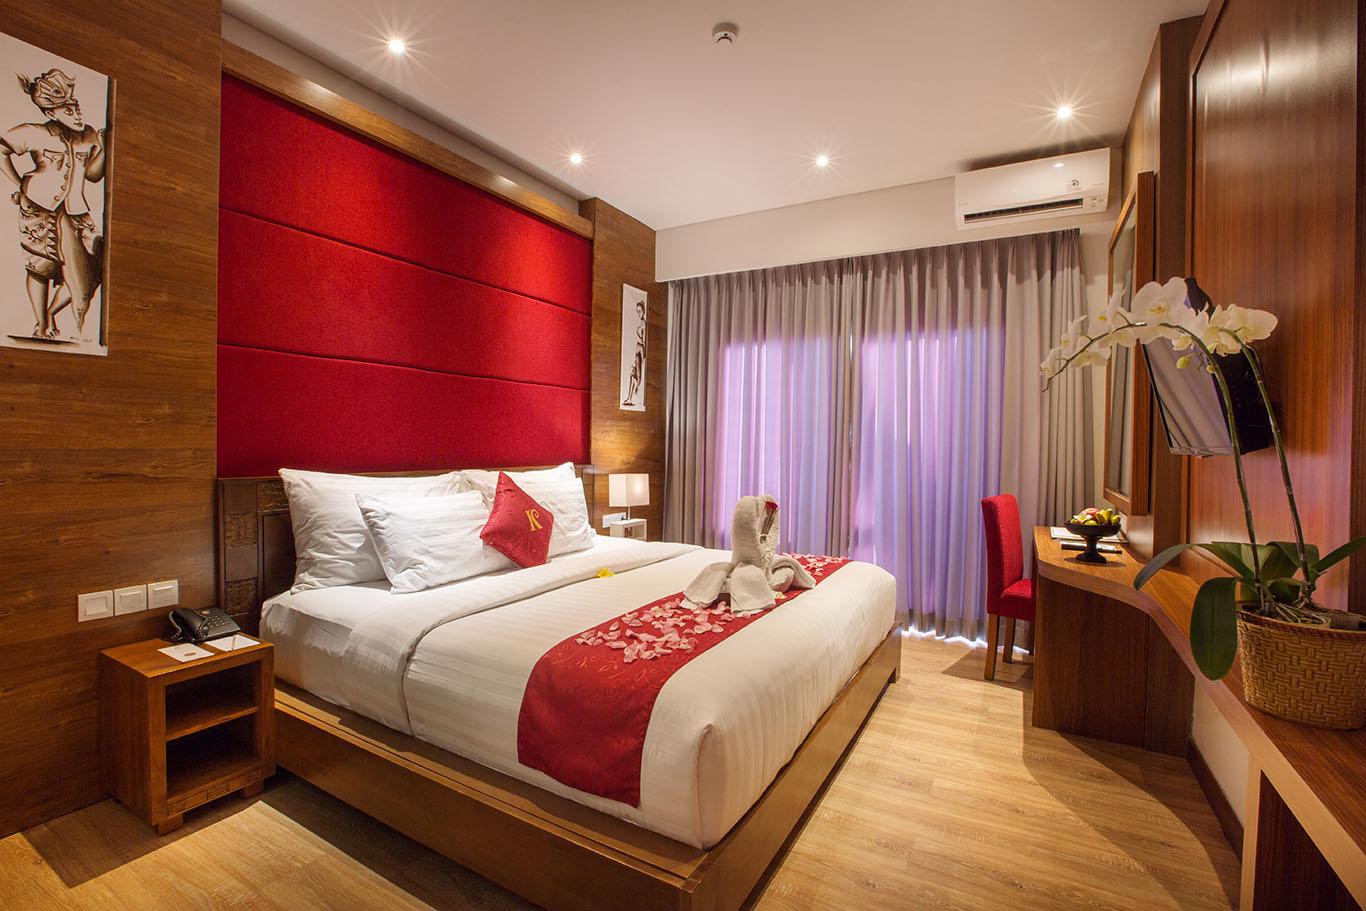 Kirana Room